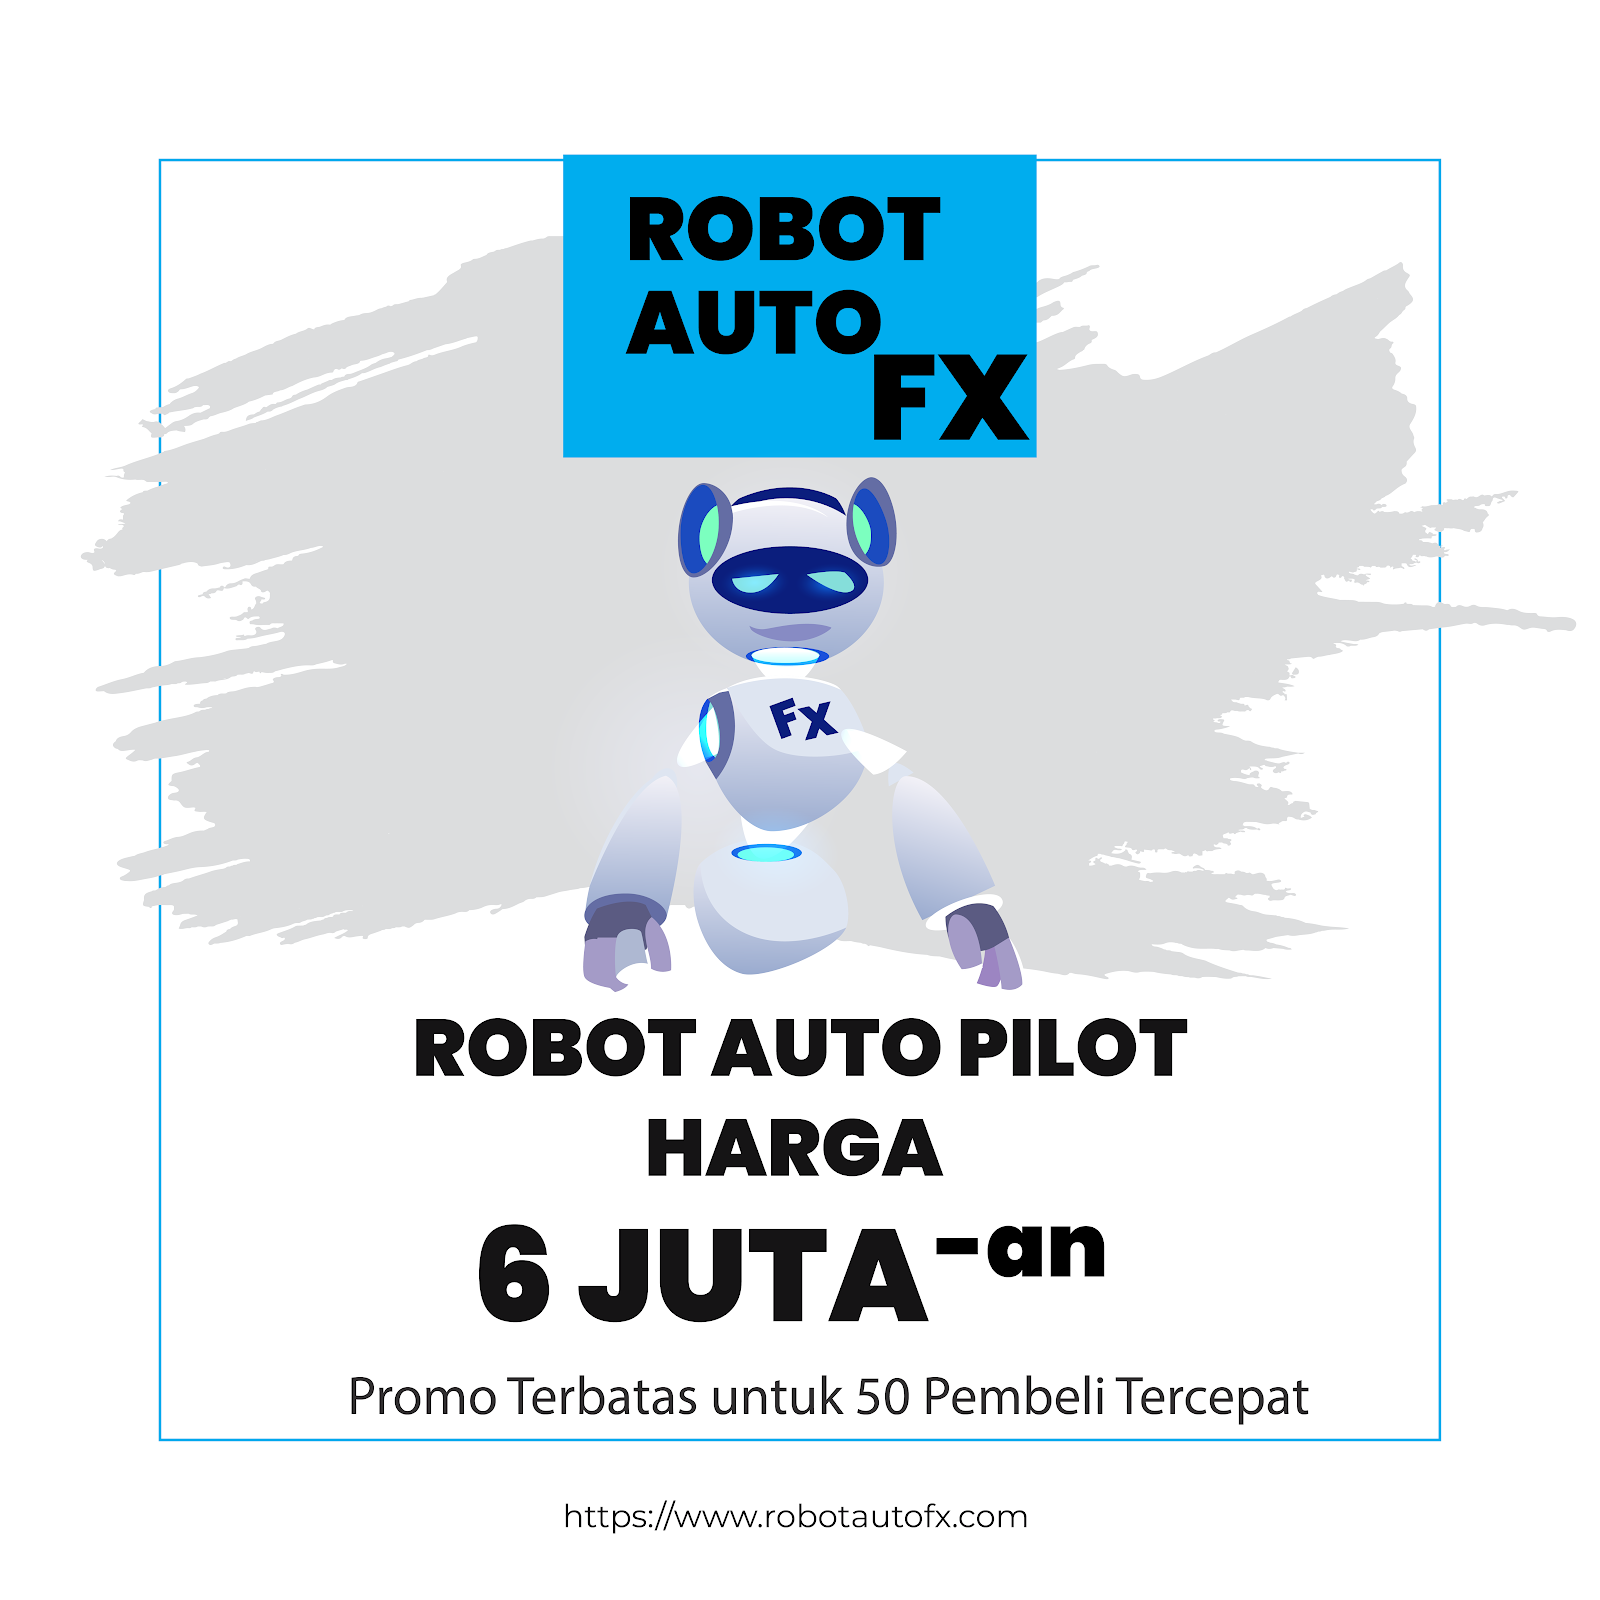 Miliki Profit 30% - 100% Dengan Software Robot Tradig